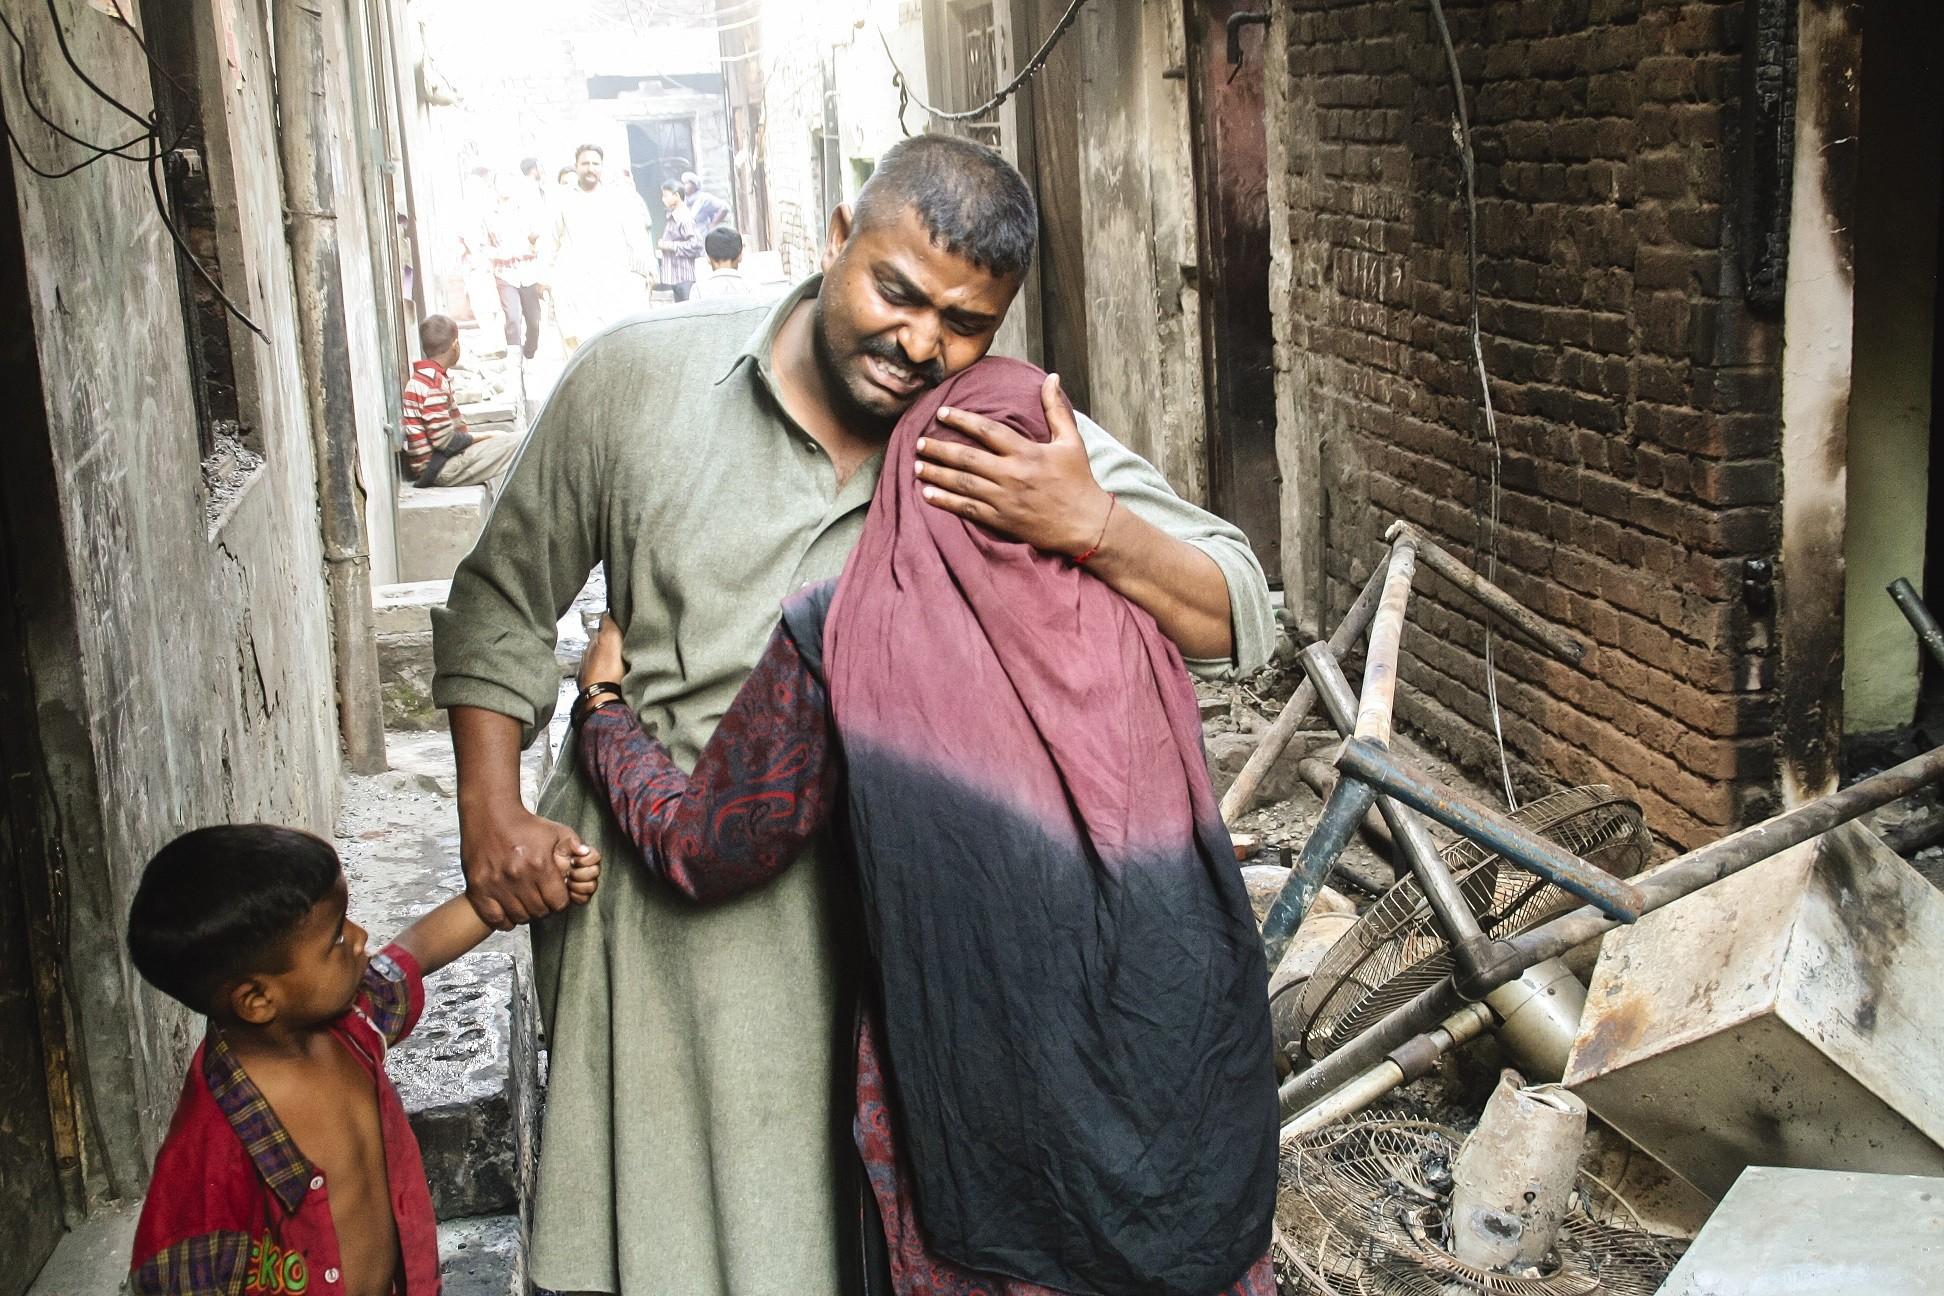 Maaliskuussa 2013 huhu jumalanpilkasta johti 175 kristityn kodin tuhoamiseen ja satojen kristittyjen pakenemiseen Lahoressa.